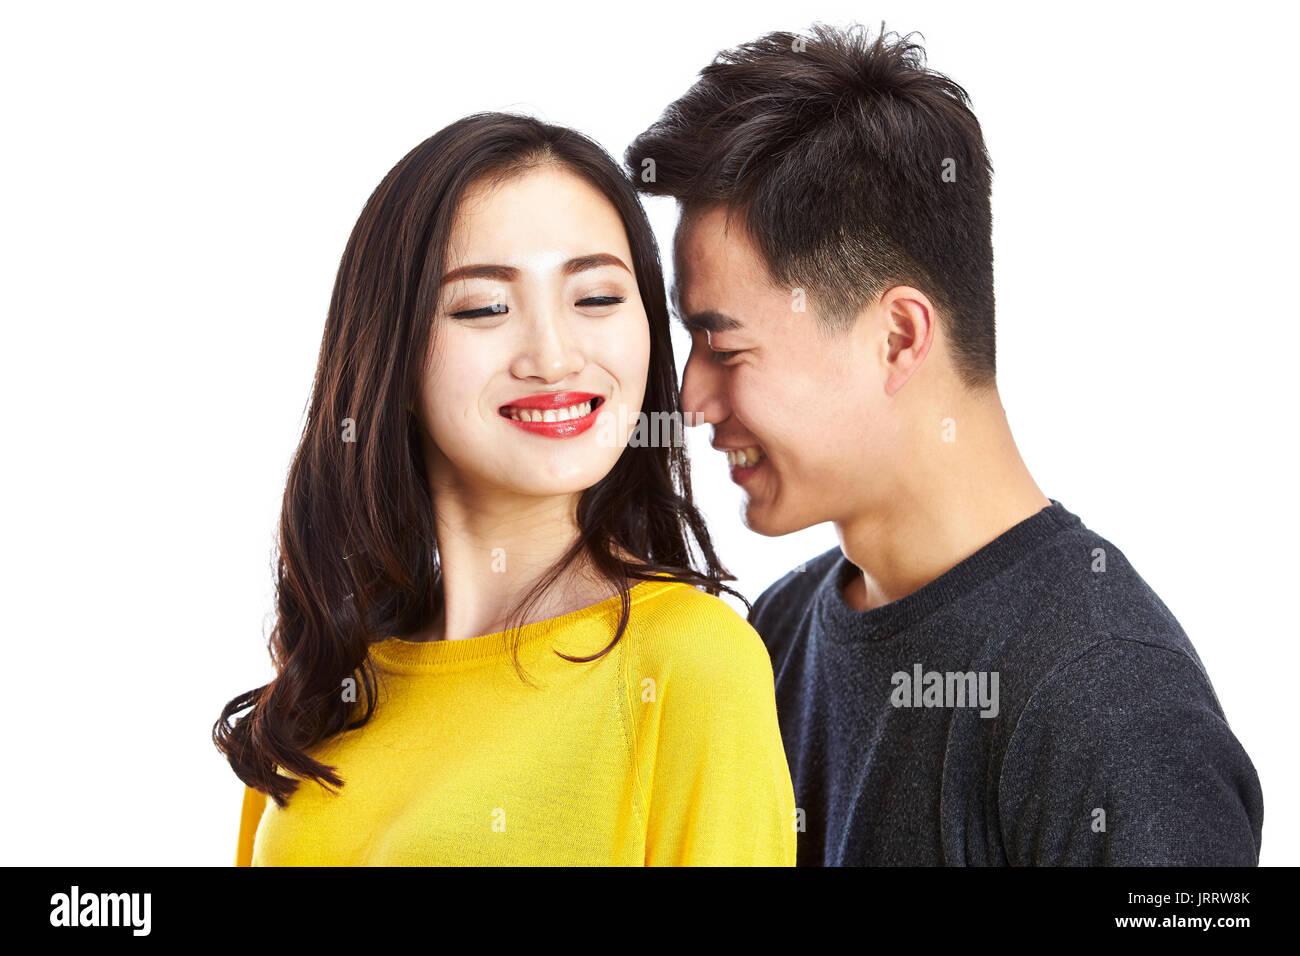 weißes asiatisches homosexuelles Paar